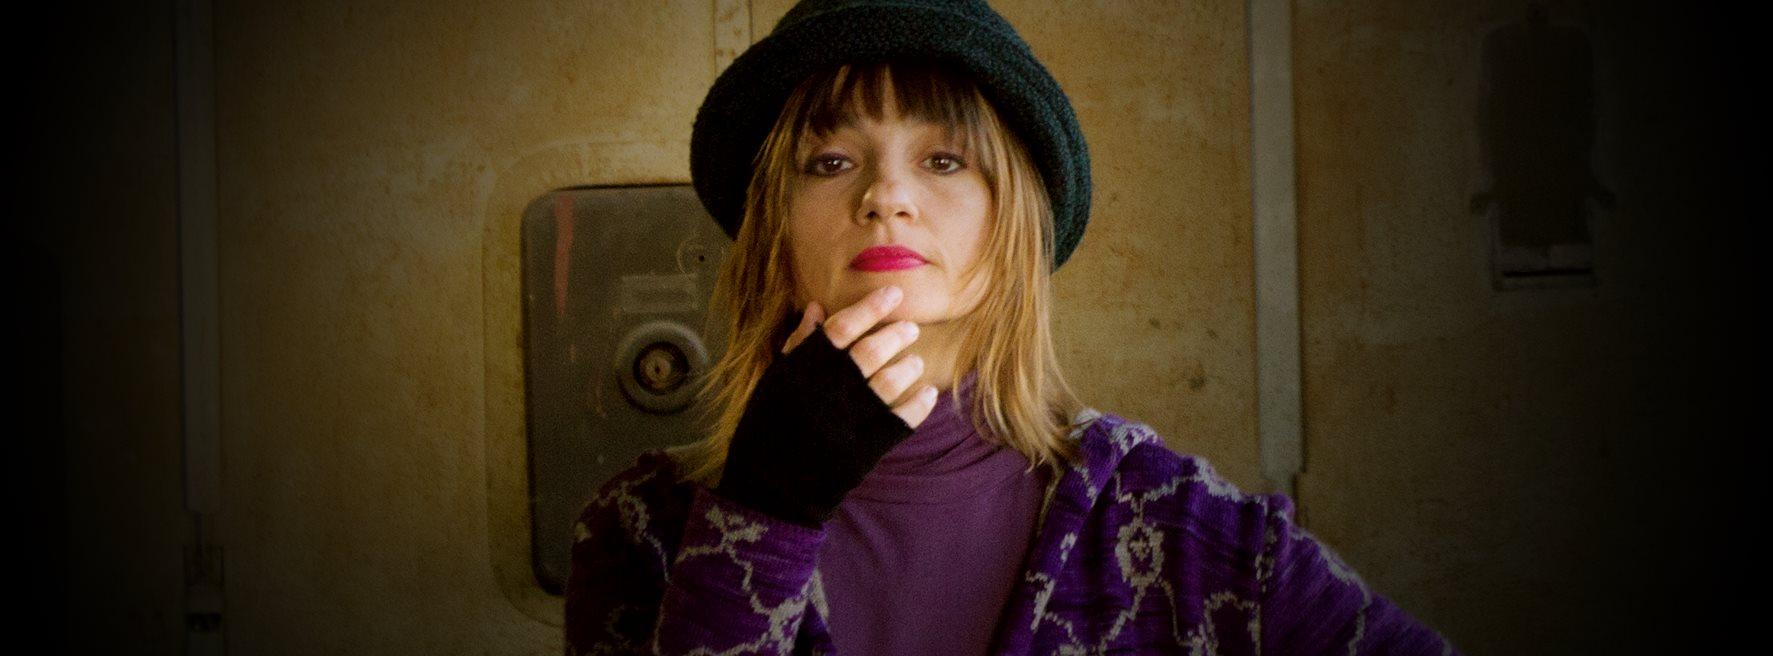 Las 10 mujeres imprescindibles del rock nacional - Radio Cantilo